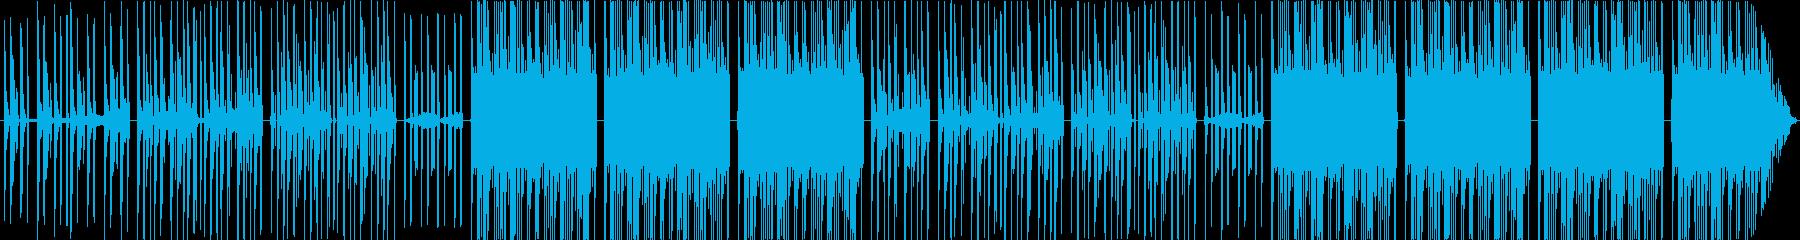 ジャングルを連想させるムーンバートンの再生済みの波形